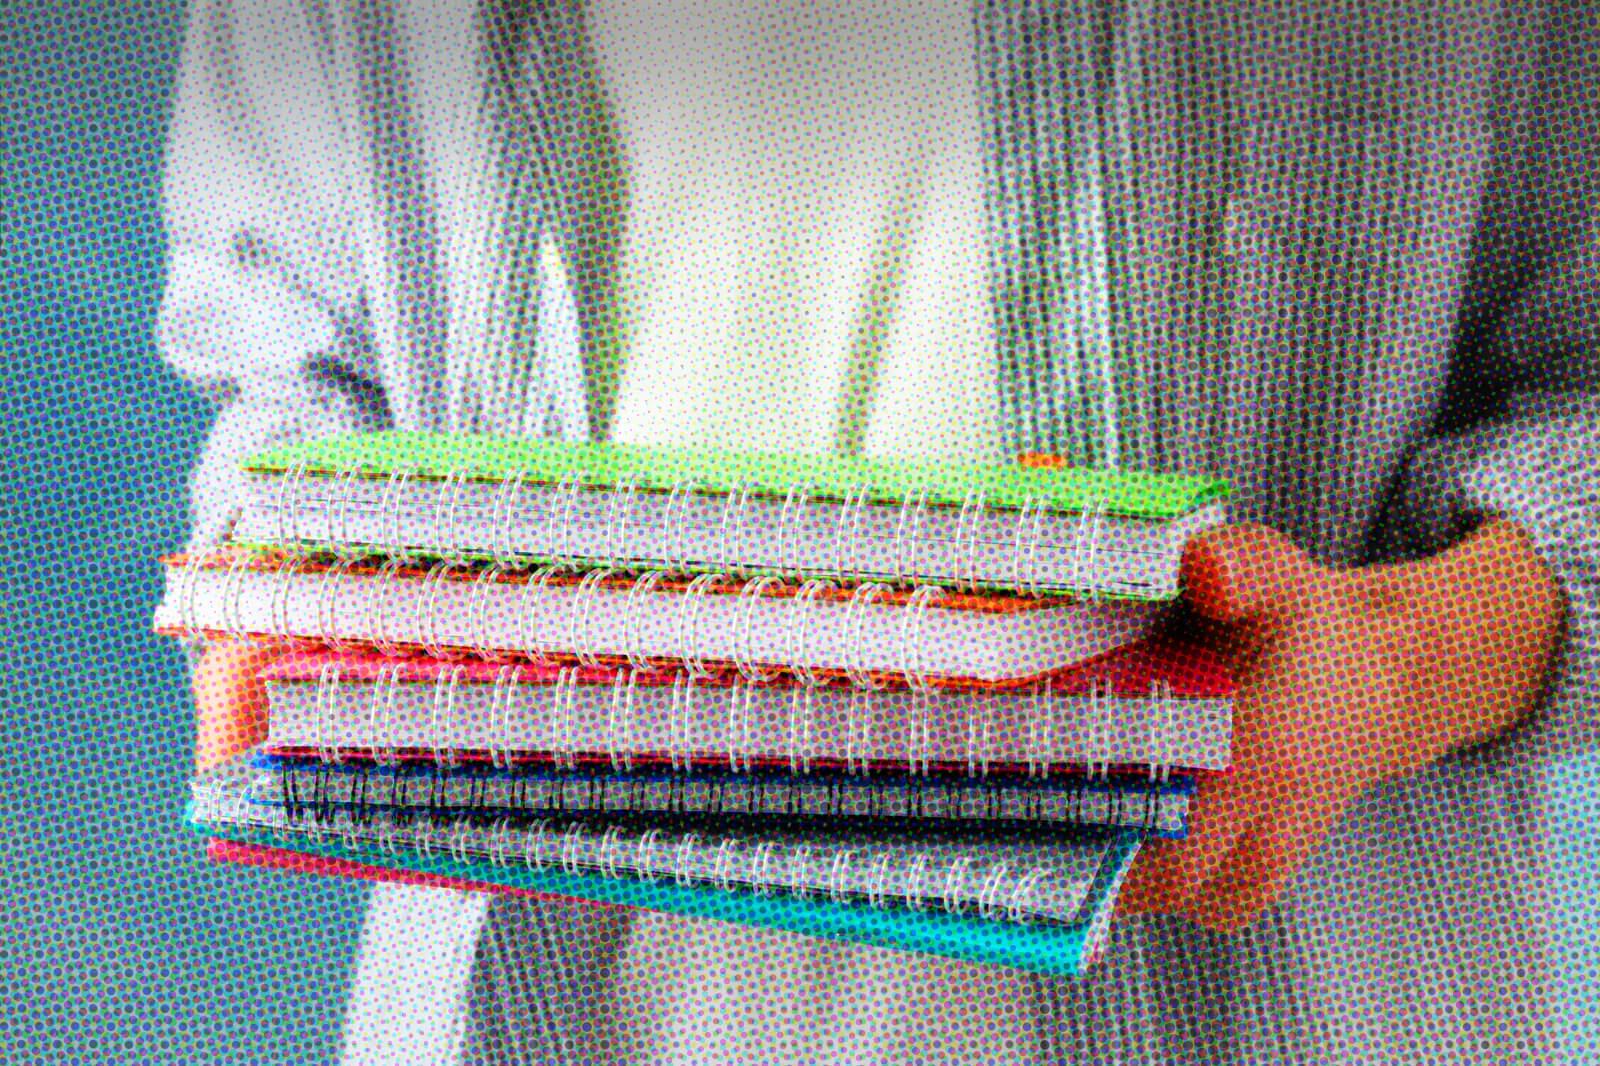 Tisak bilježnica